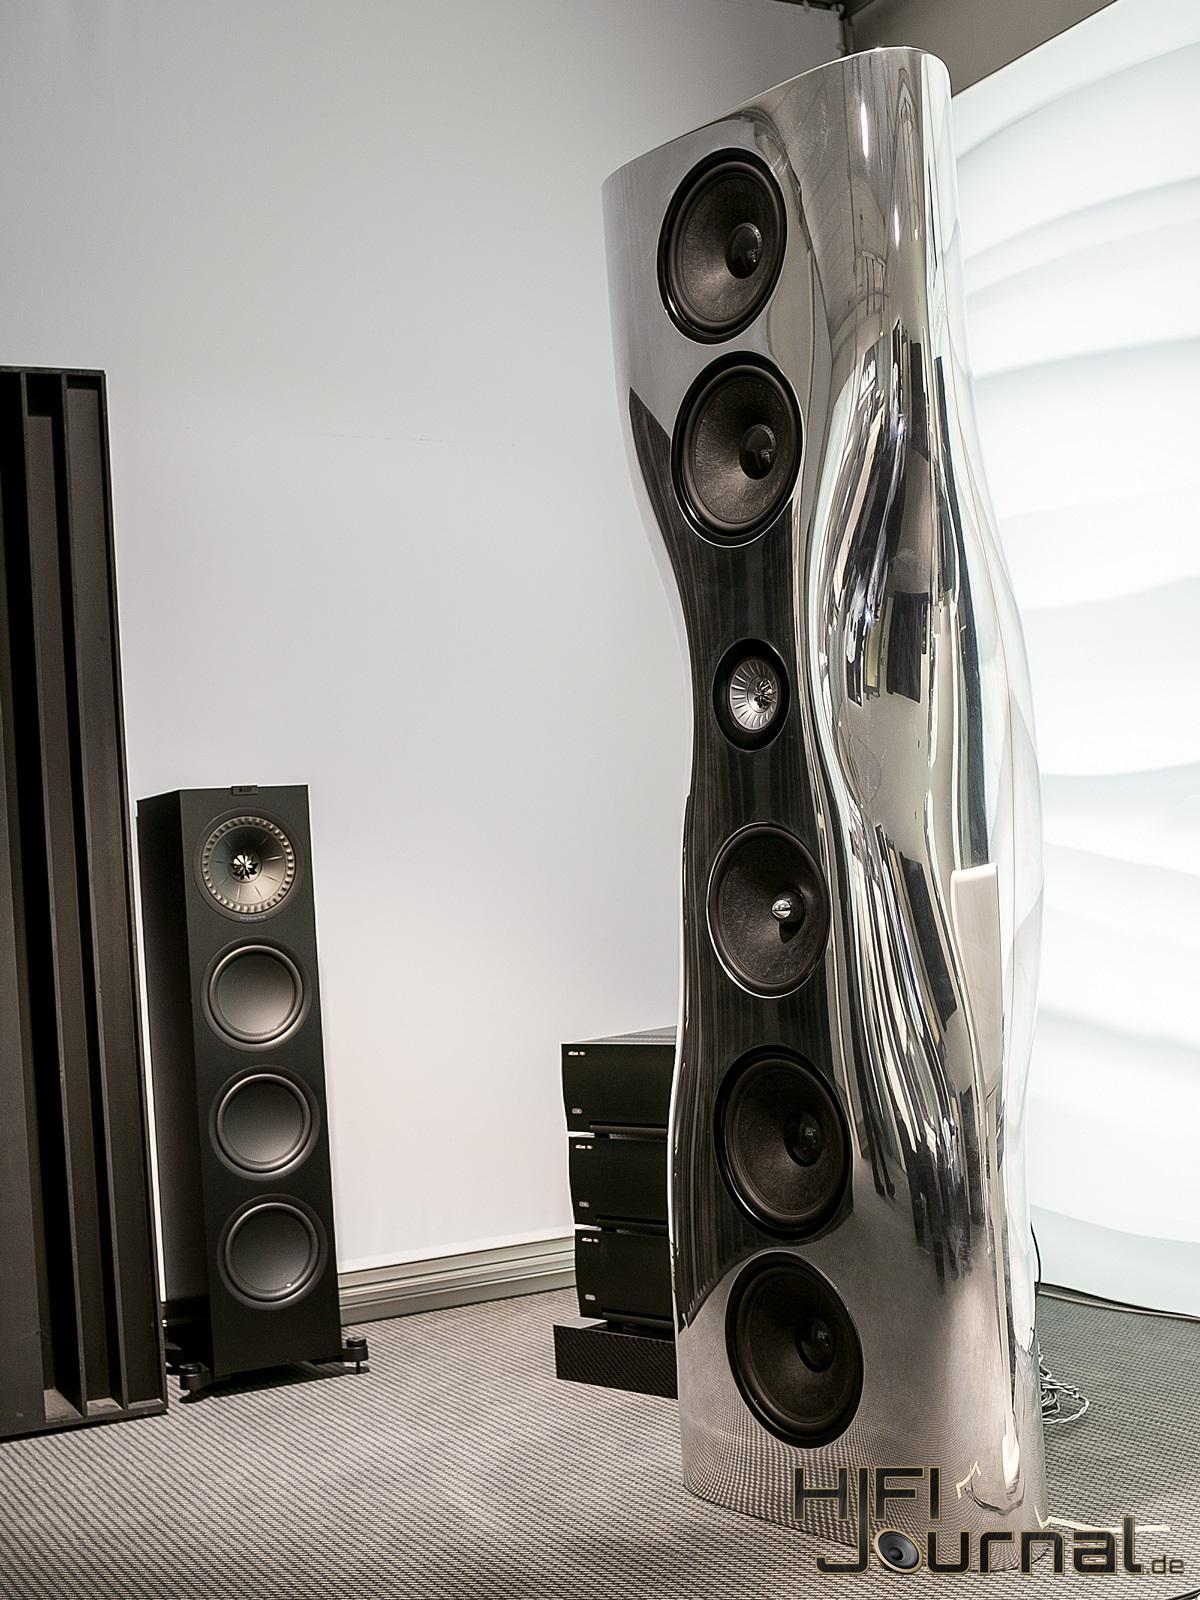 neue kef q serie lautsprecher vorgestellt hifi journal. Black Bedroom Furniture Sets. Home Design Ideas